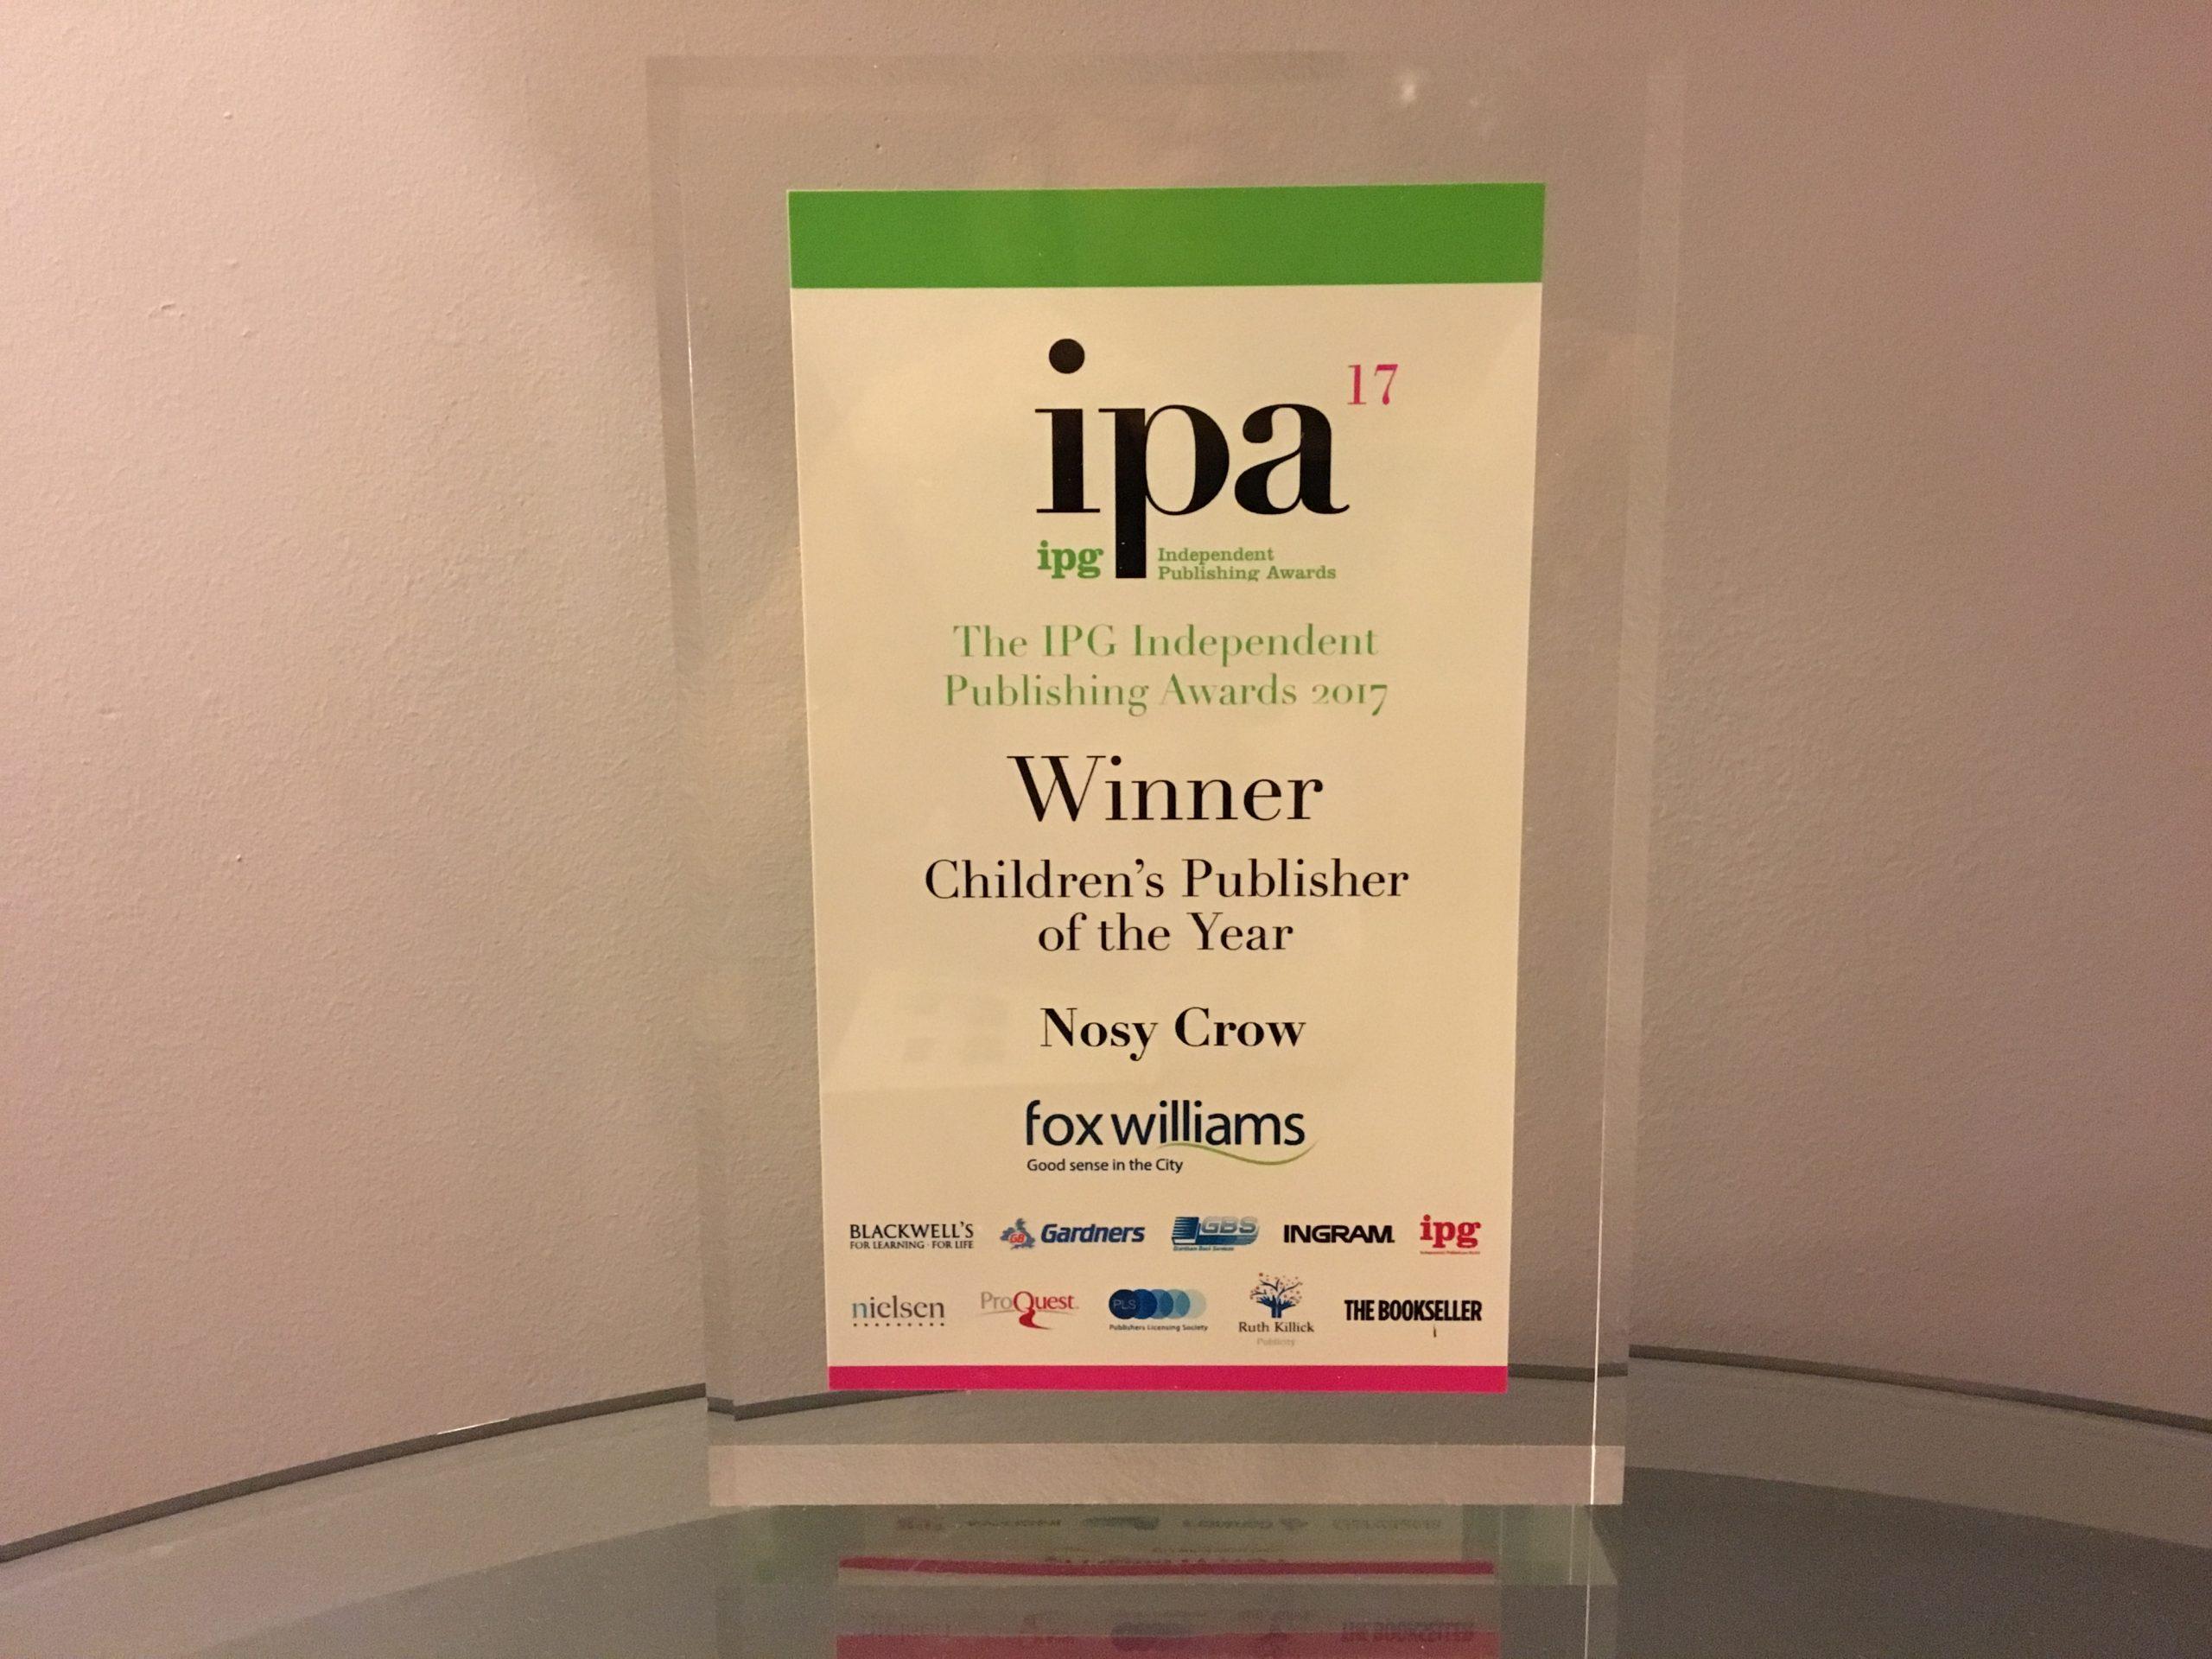 IPG Independent Publishing Awards